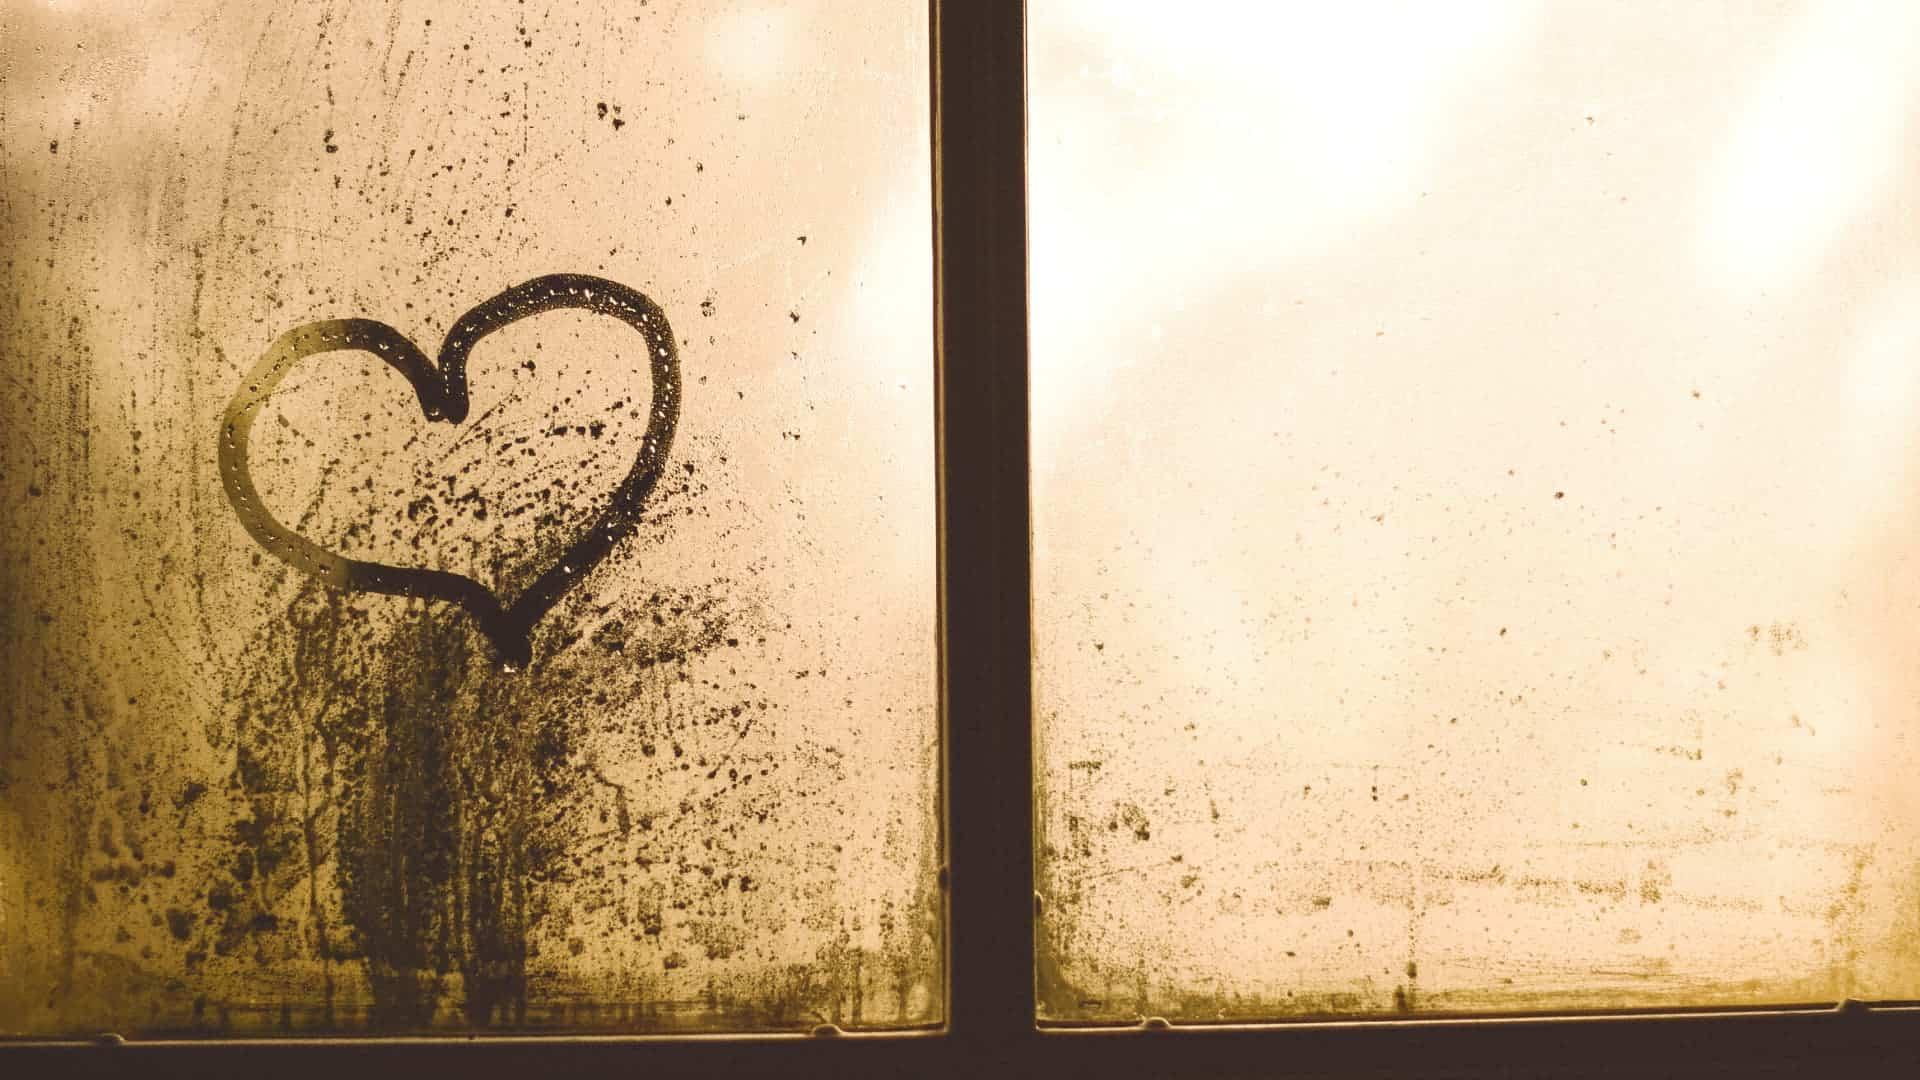 Window condensation Edinburgh